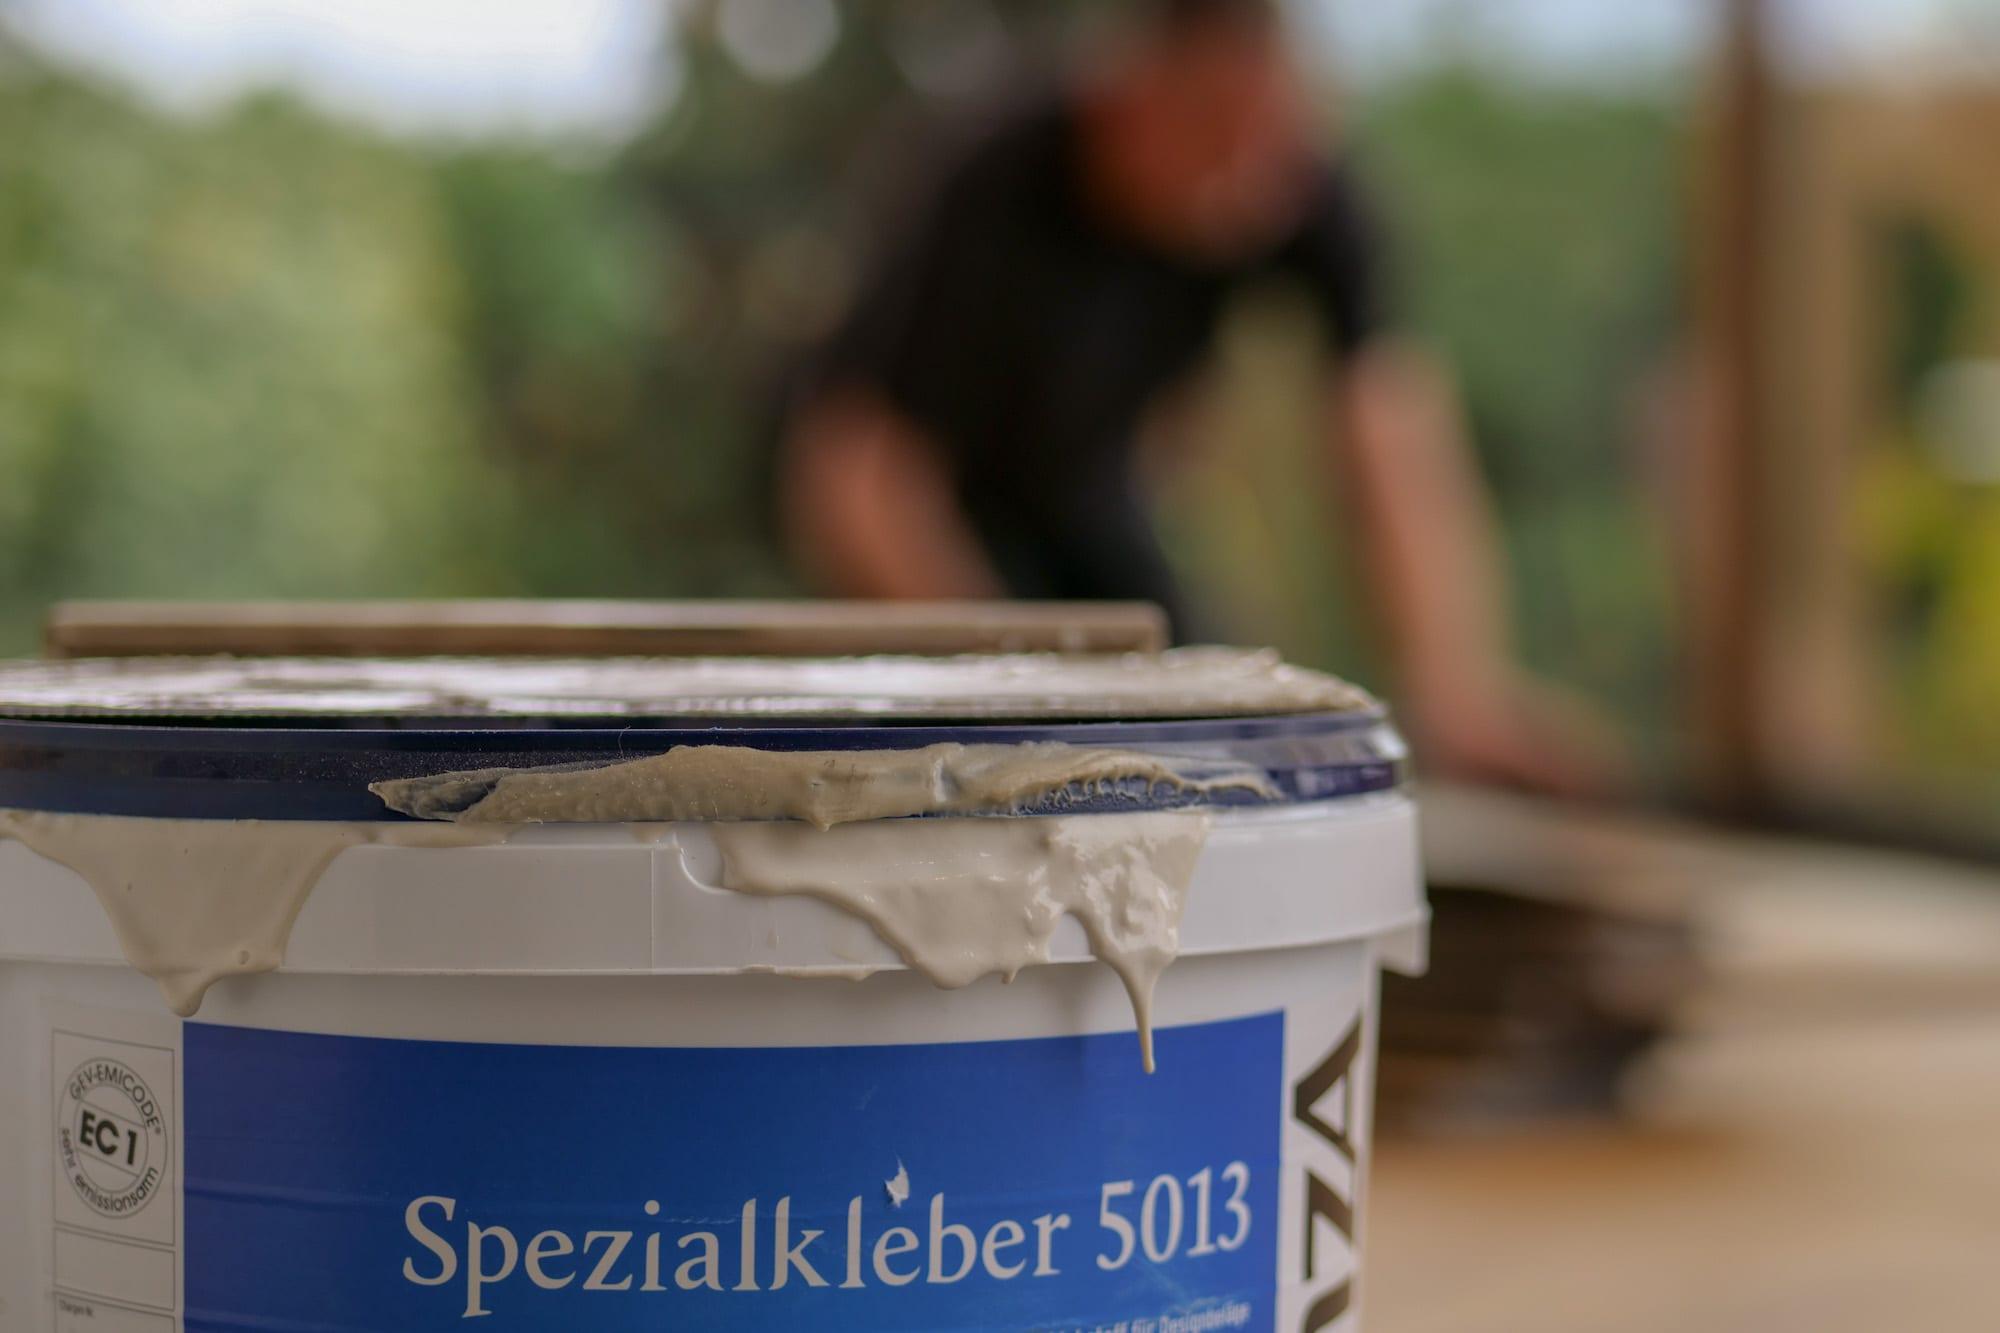 PVC Designbelag Kleve- Bodenlegerbetrieb, Bodenleger-Fußbodenverlegung-Emmerich-Goch-Kevelaer